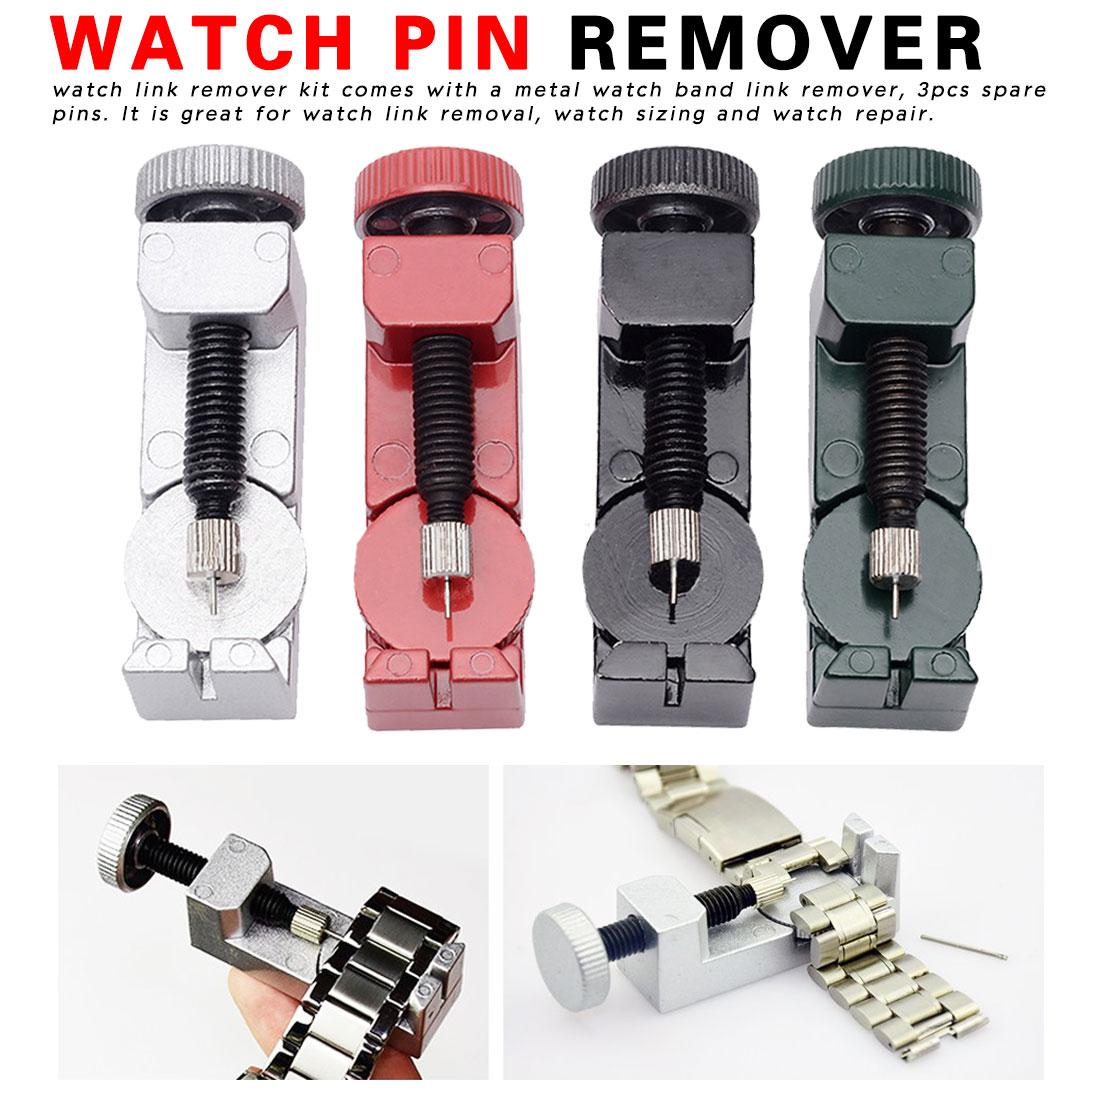 Metal Strapper Watch Tools Metal Watch Band & Bracelet Link Remover + Spring Bar Repair Tool W/ Extra Pins Saat Tamir Aletleri